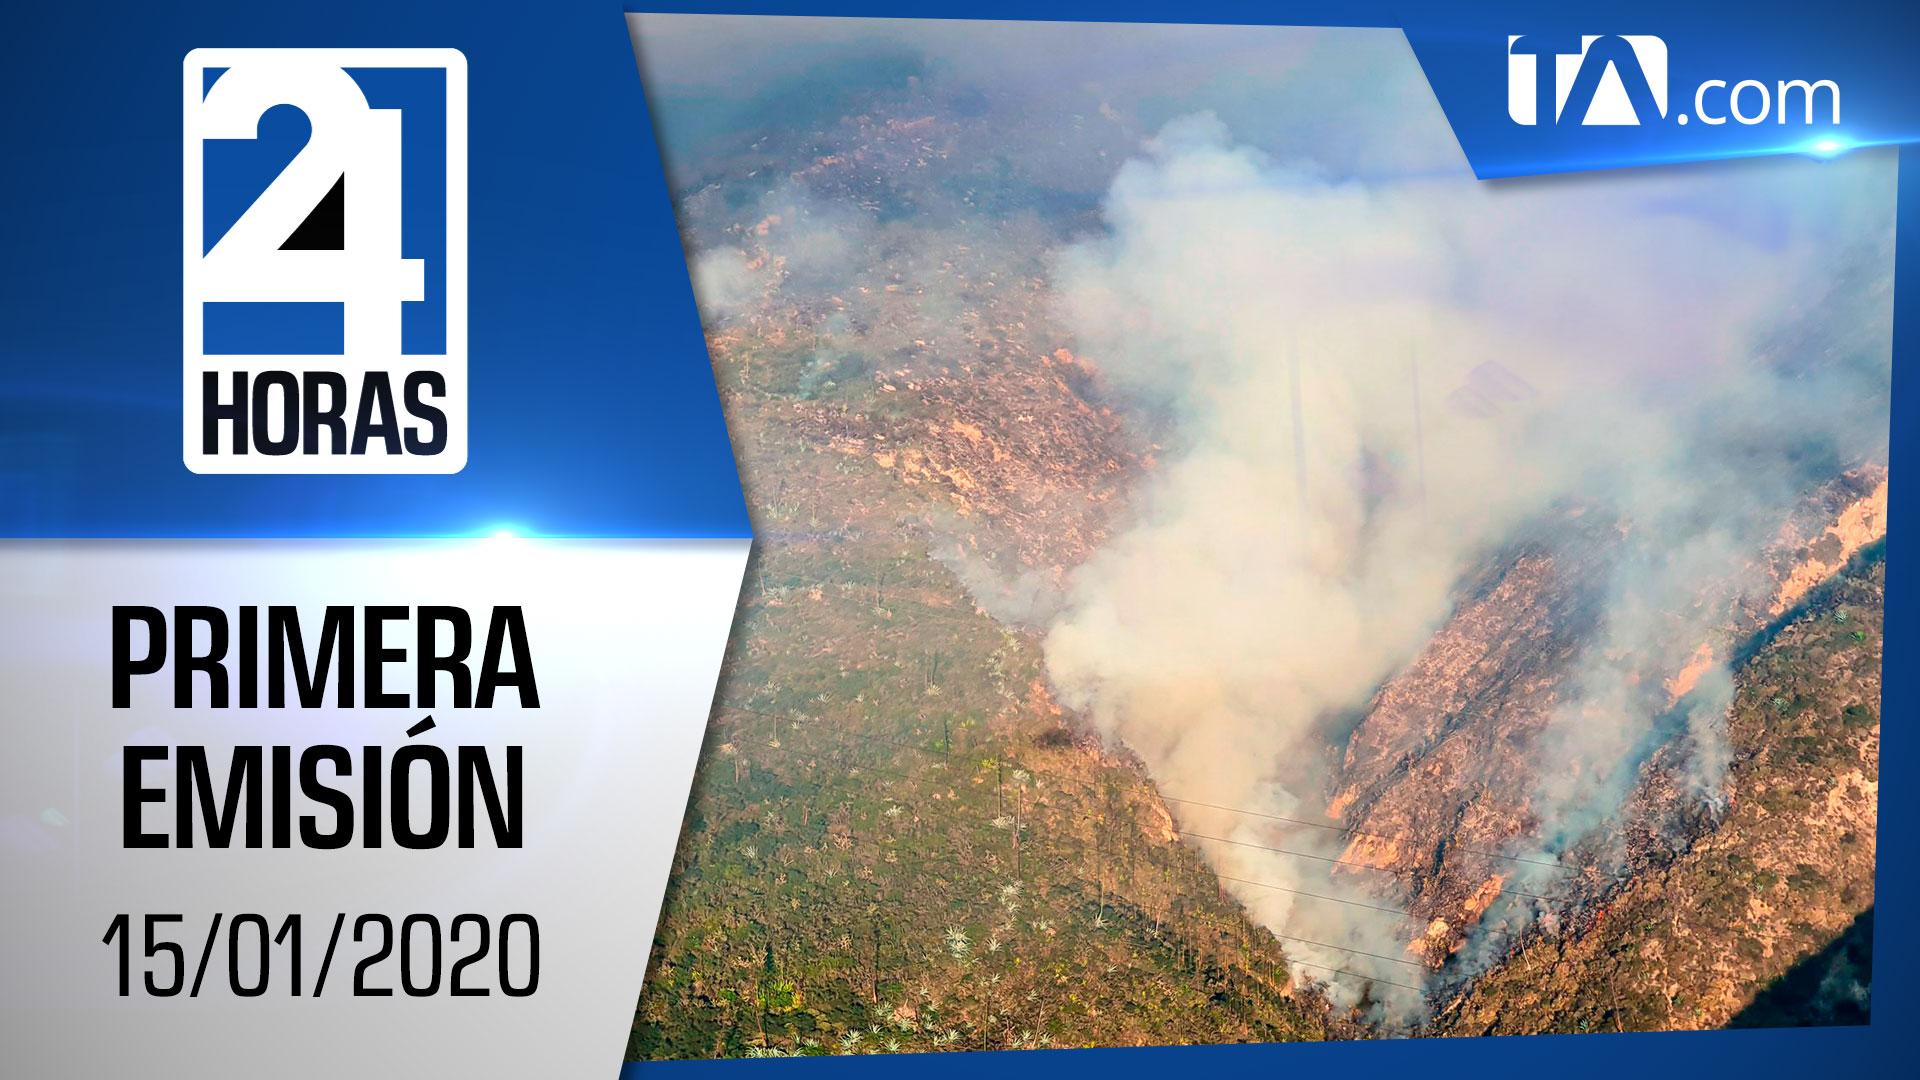 Noticias Ecuador: Noticiero 24 Horas 15/01/2020 (Primera Emisión)